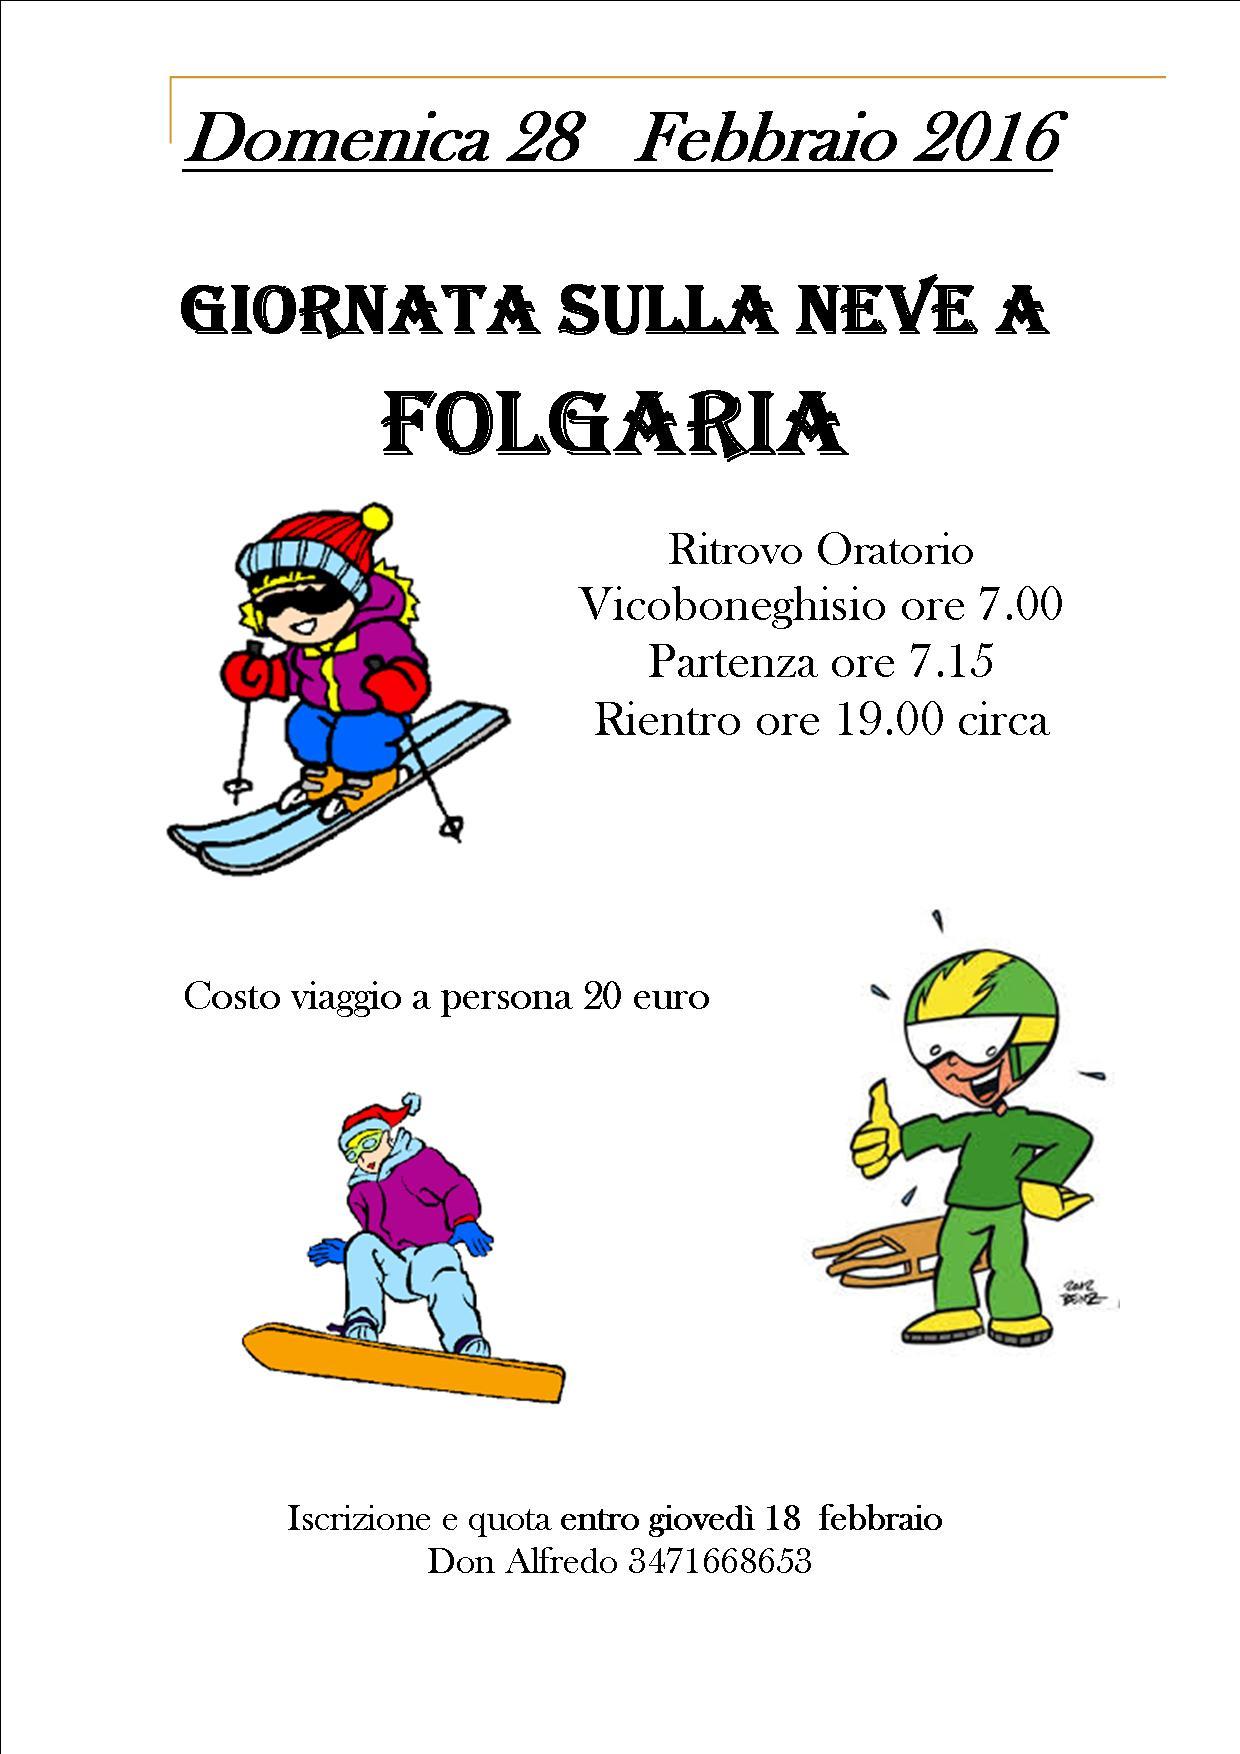 GITA SULLA NEVE A FOLGARIA